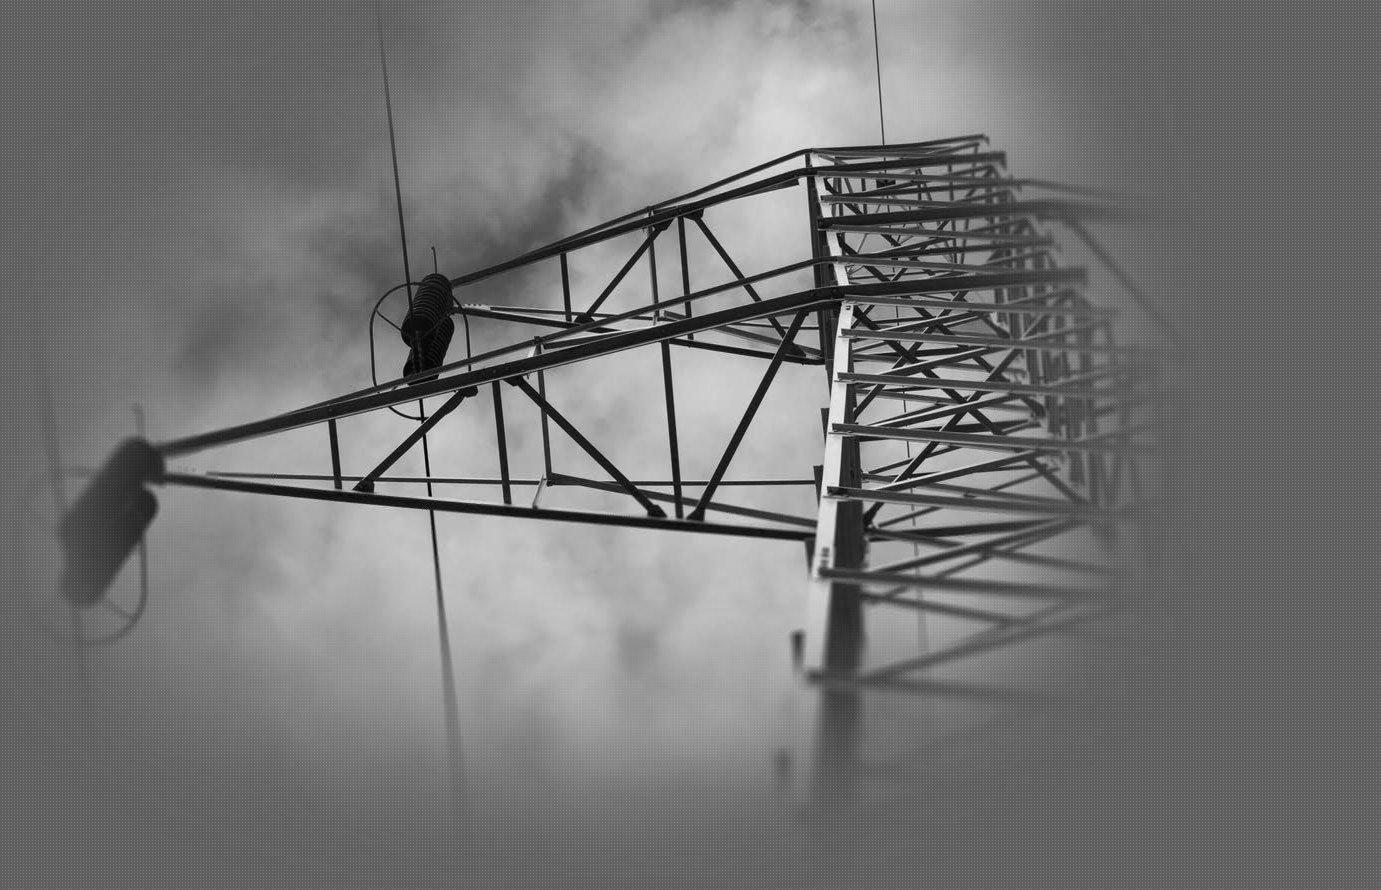 Село наСтаврополье оказалось обесточено из-за самолета, оборвавшего высоковольтные кабеля